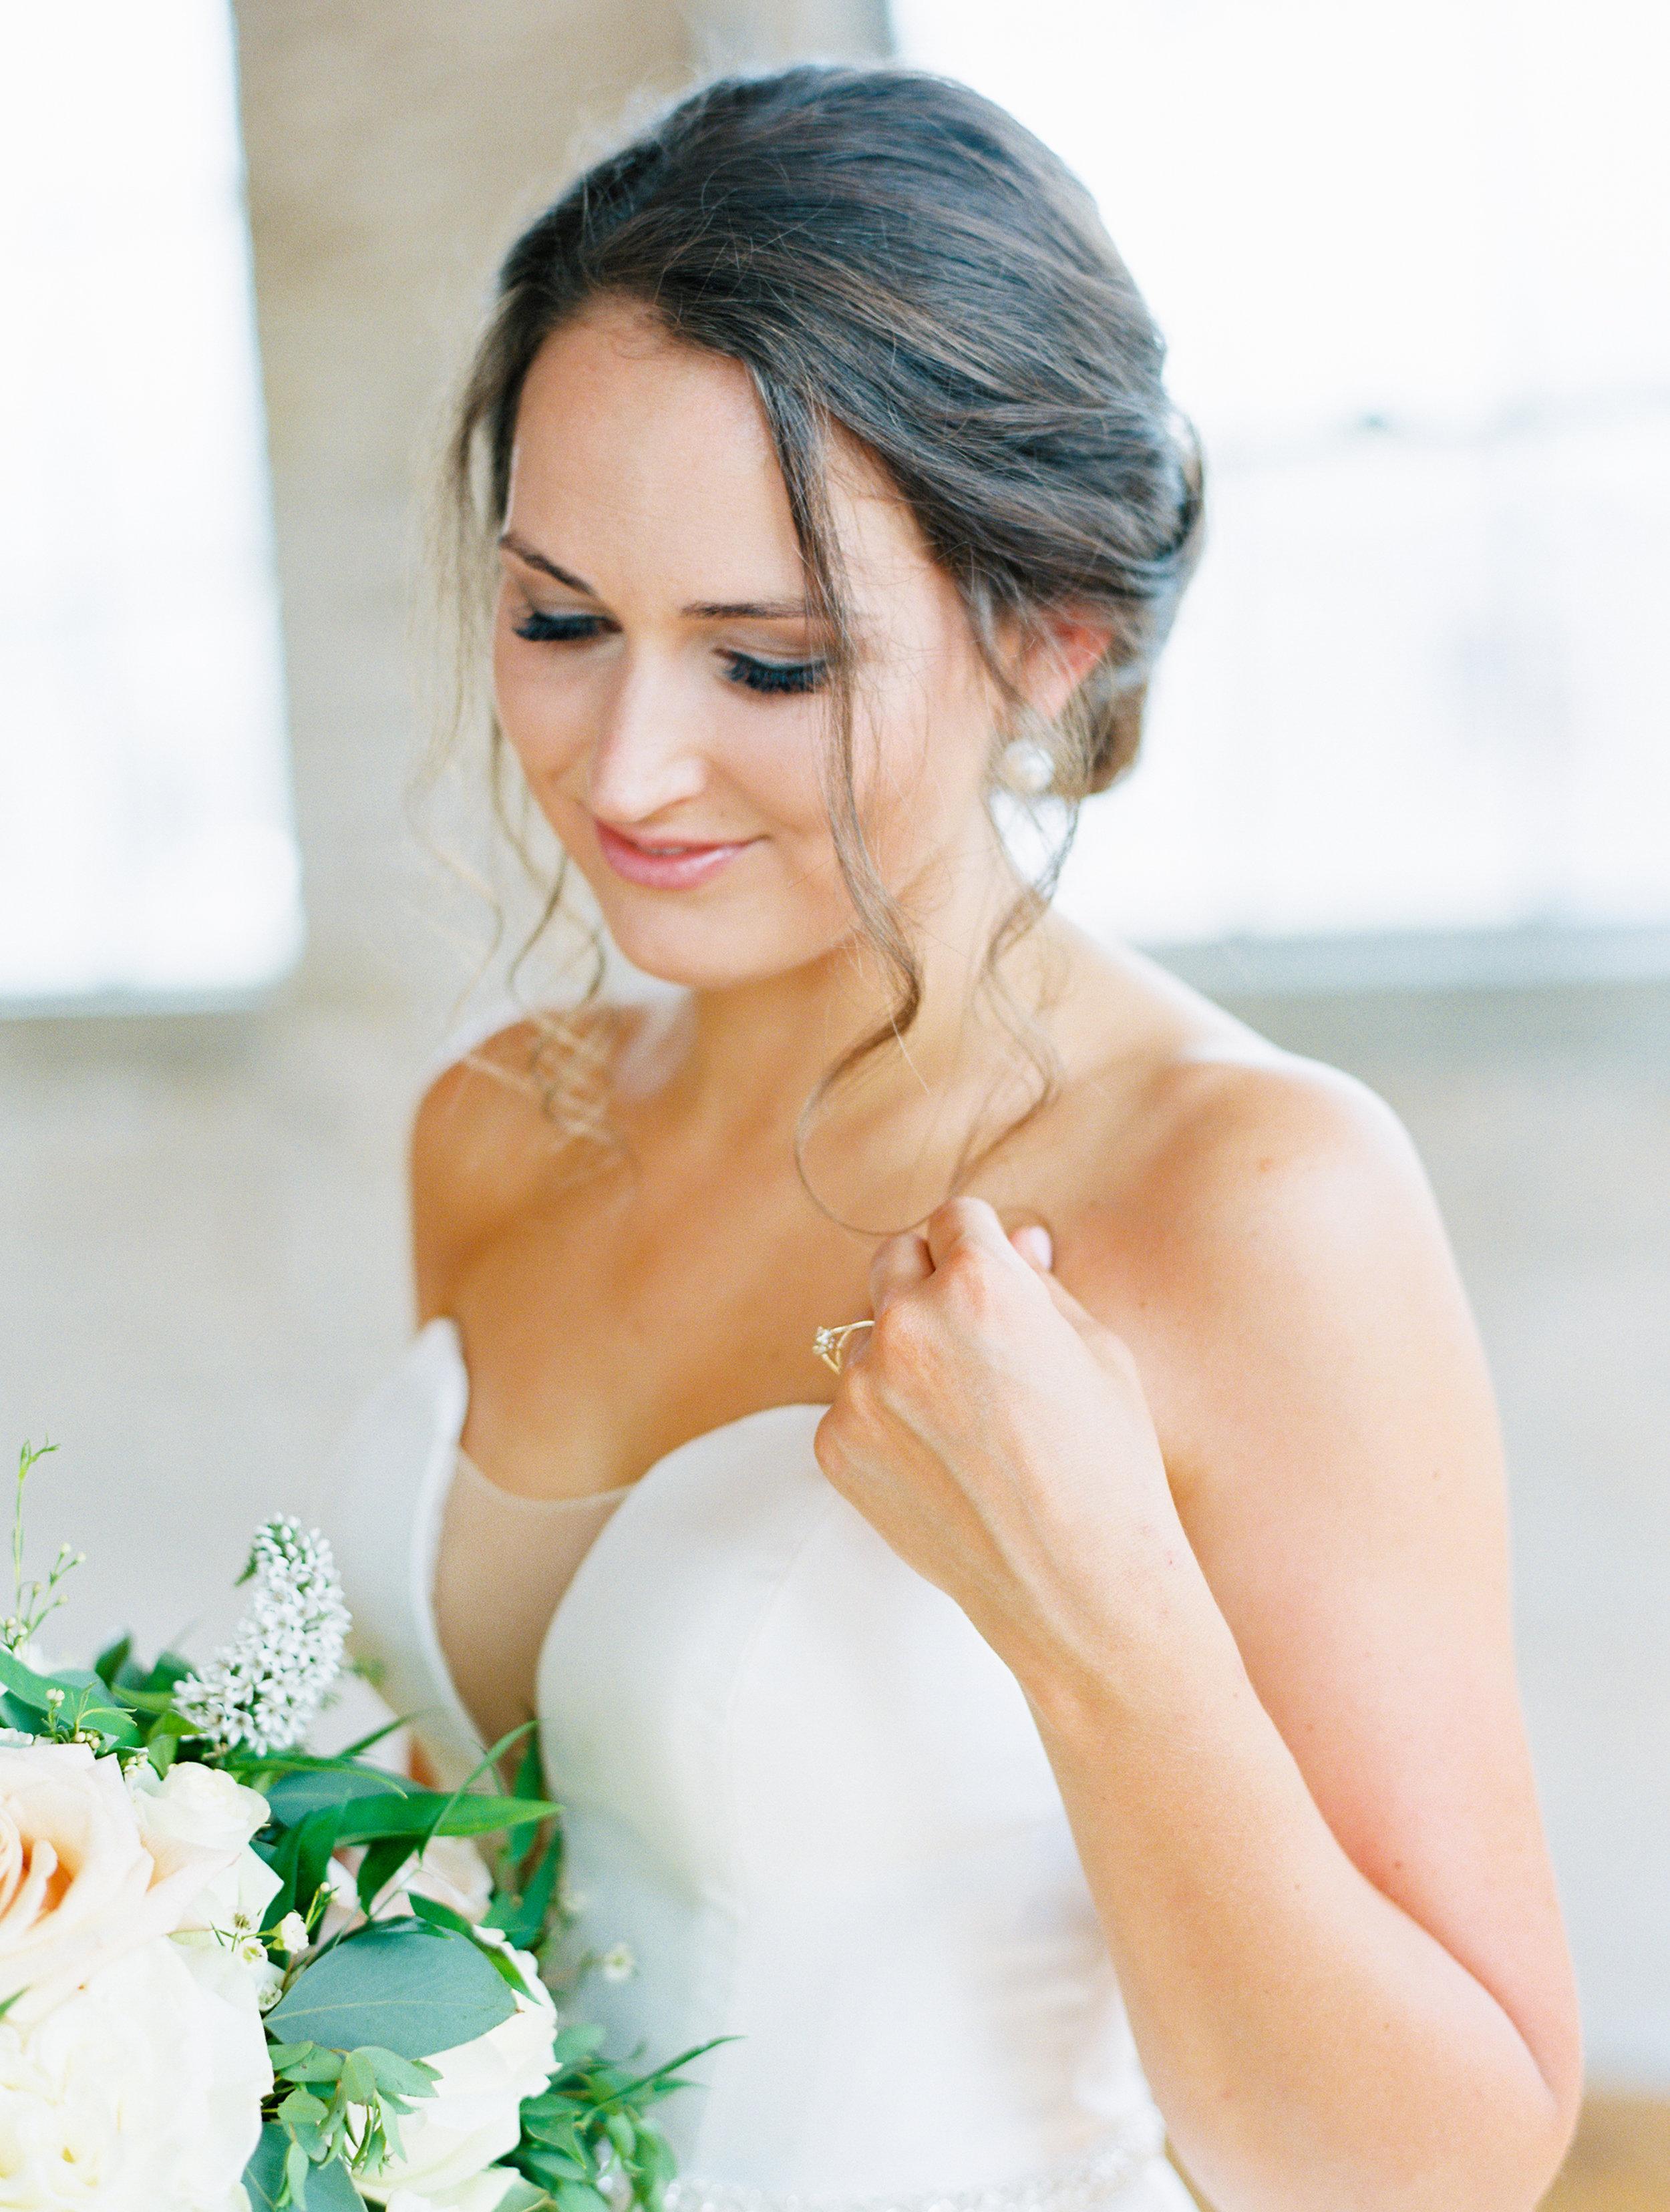 Steiner+Wedding+Bride+Bridesmaids-50.jpg